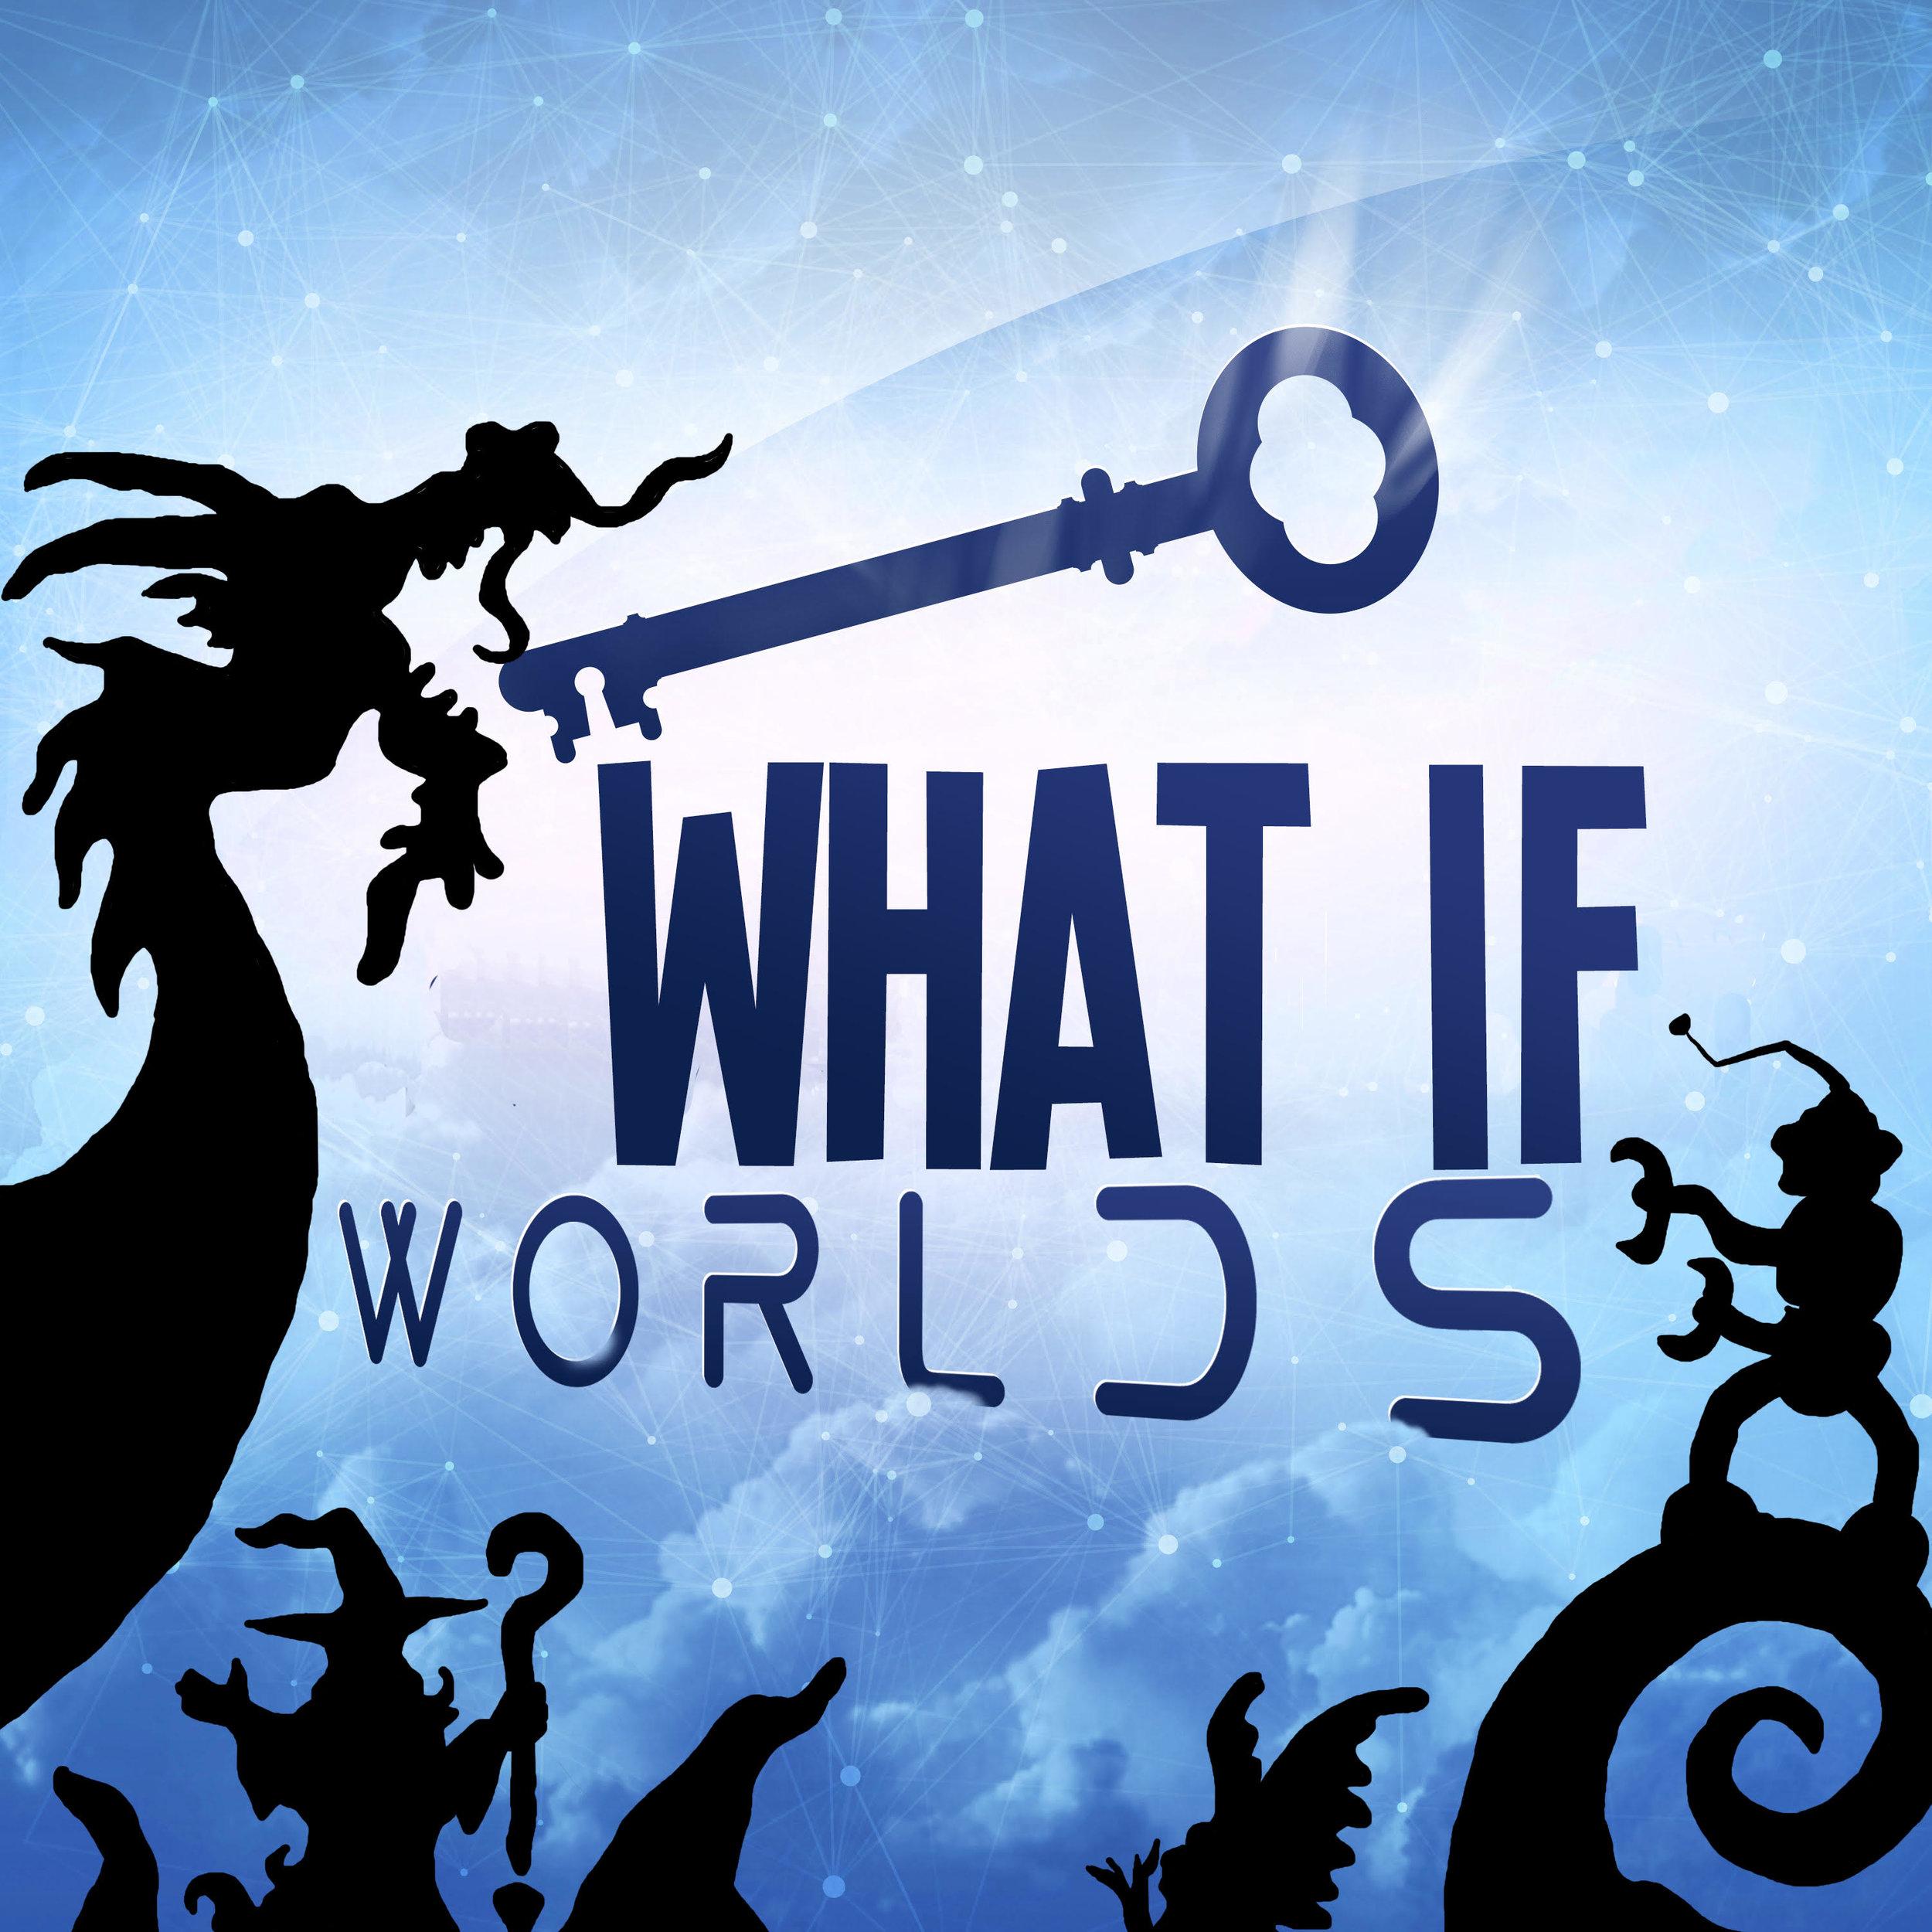 Imaginary What If Worlds.jpg